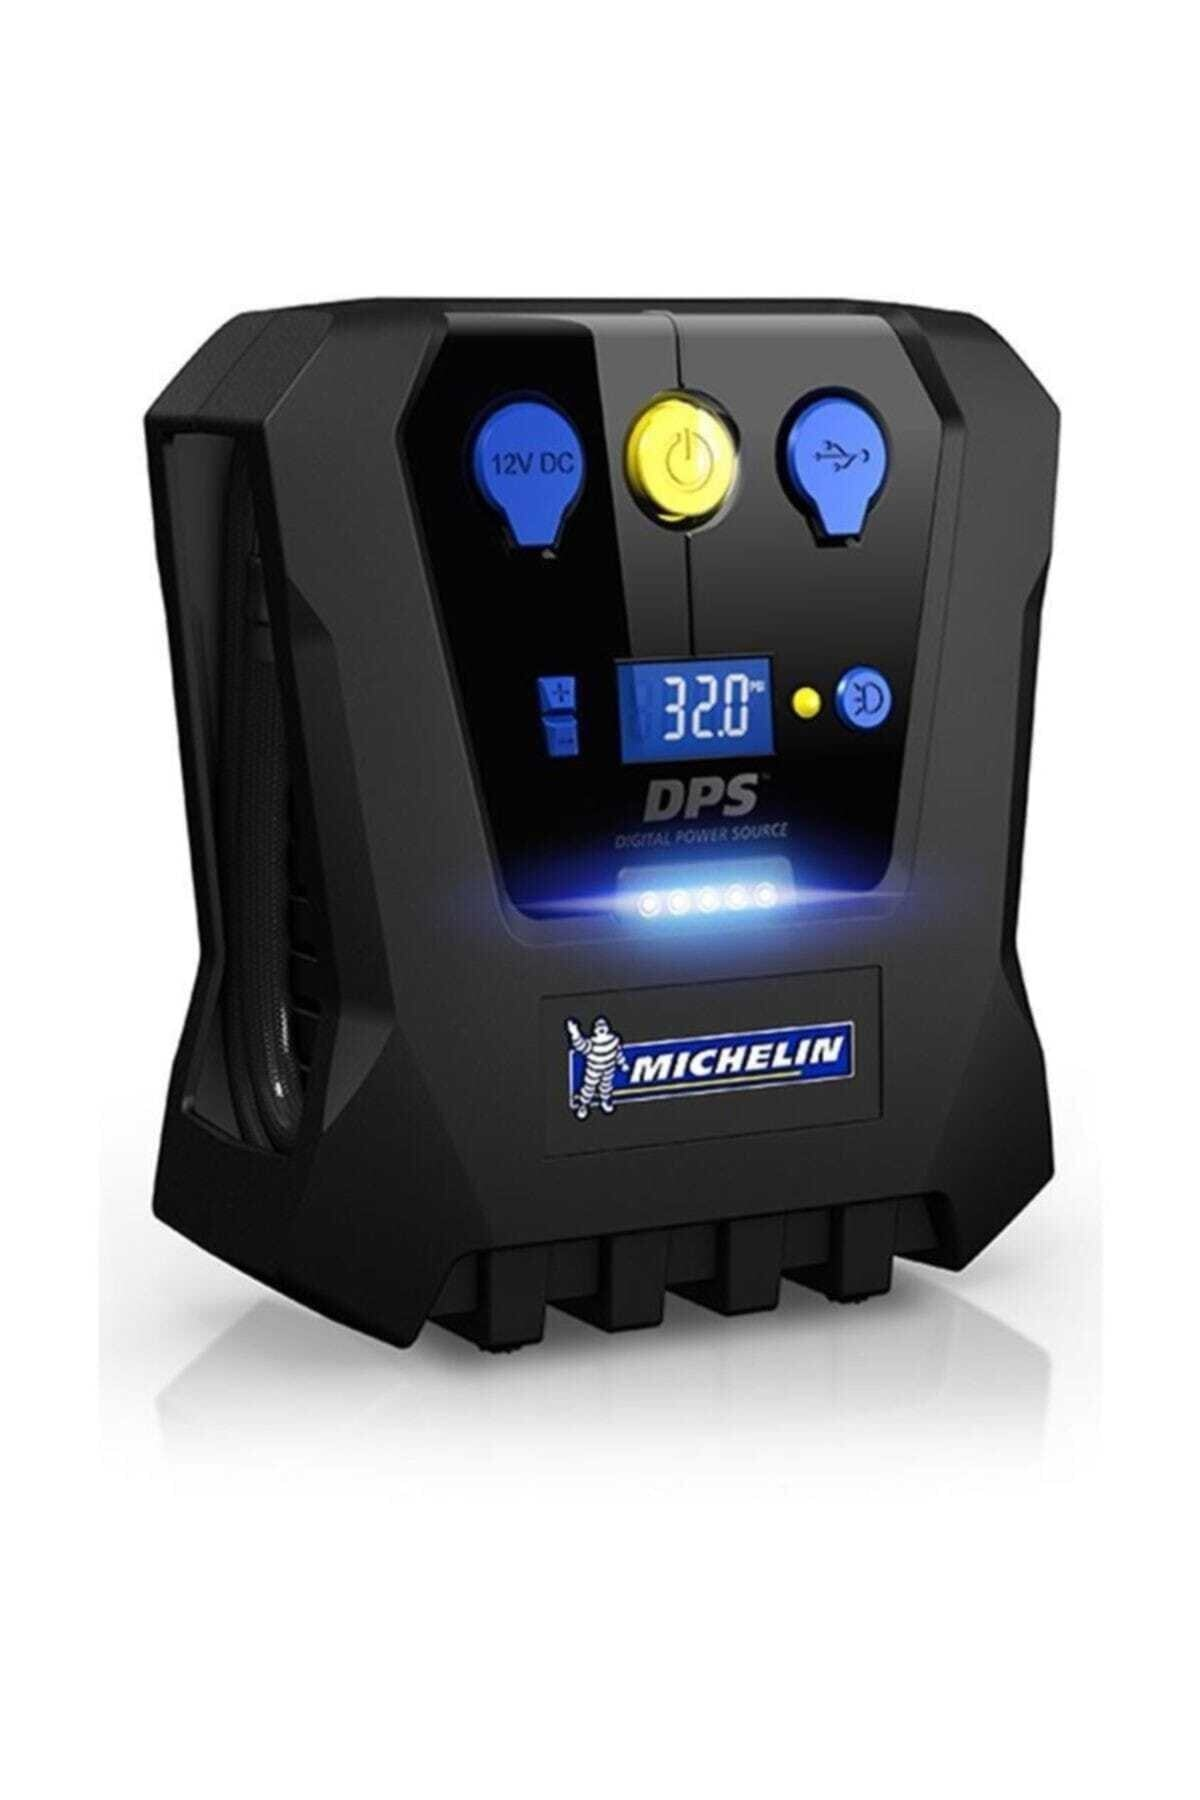 Michelin Mc12266 12volt 120 Psı Dijital Basınç Göstergeli Hava Pompası 1